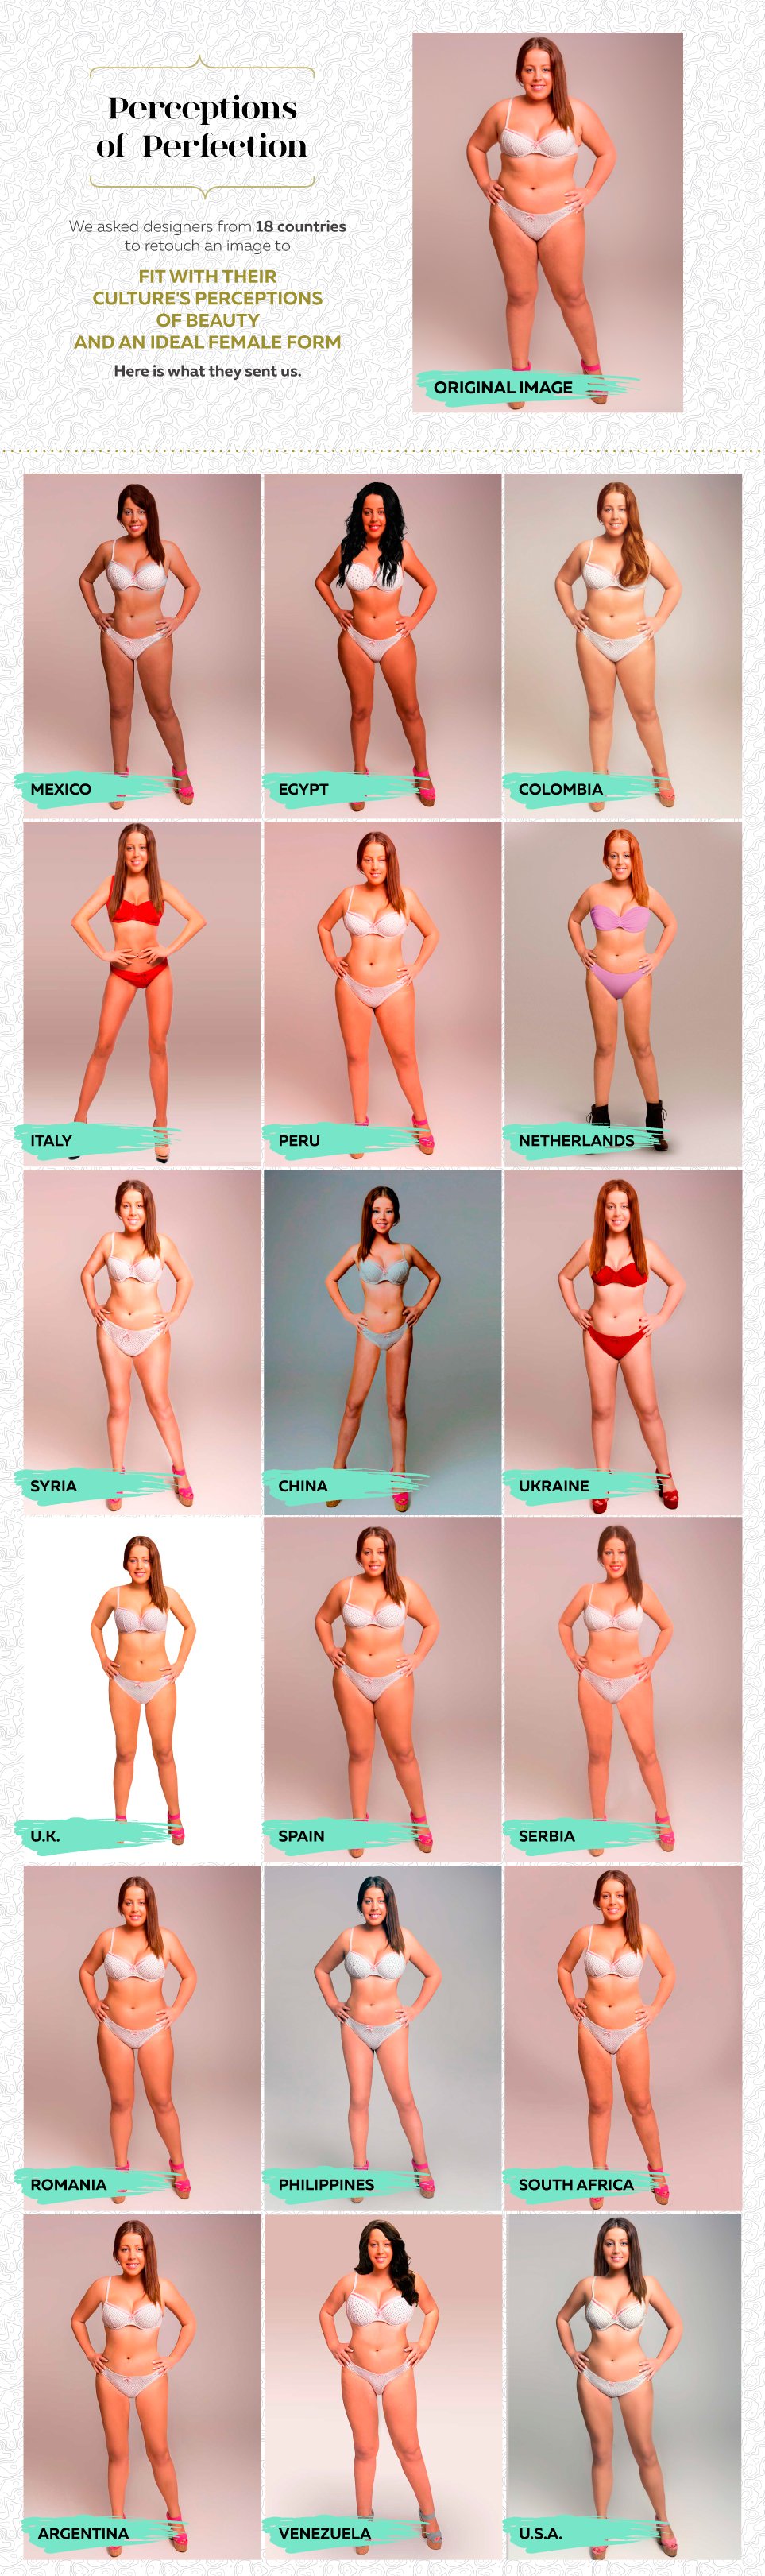 Estos son los estándares de belleza en 18 países descubiertos gracias al Photoshop